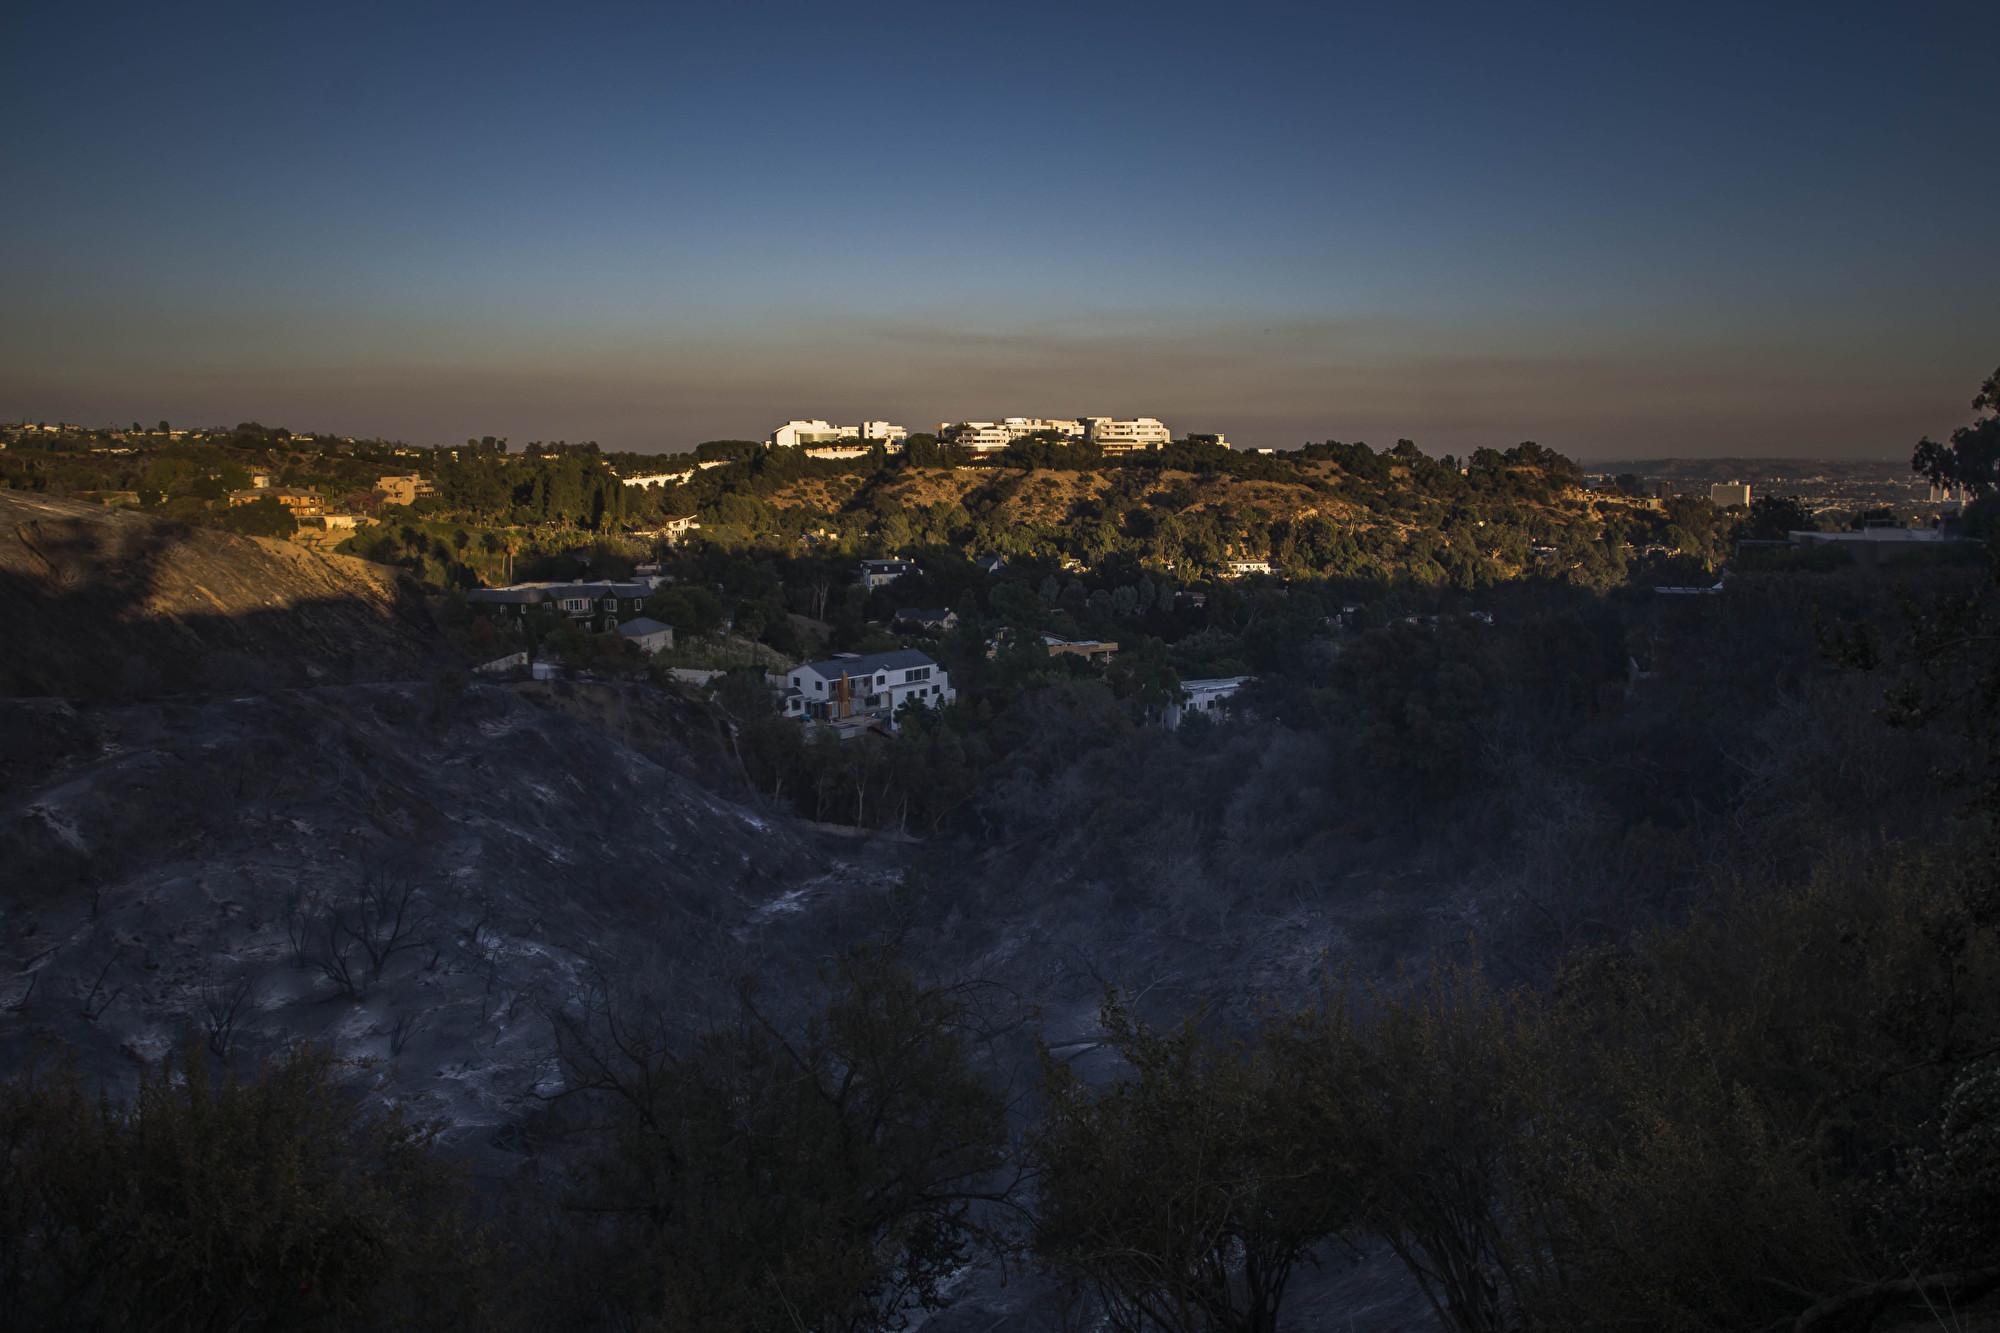 加州大火直逼富人區 球星影星連夜撤離